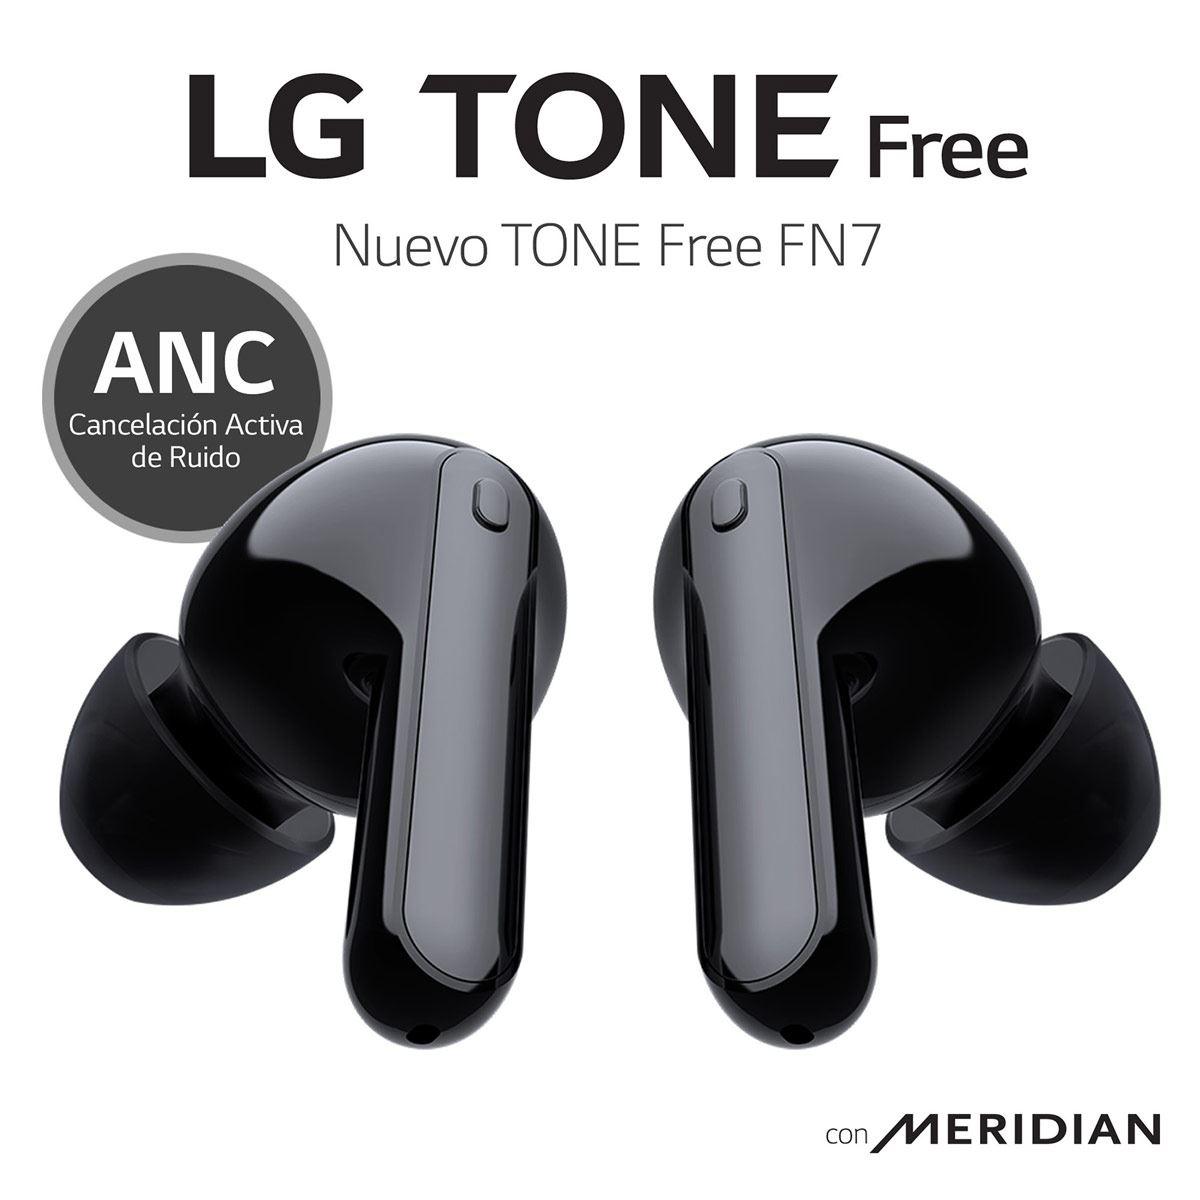 Audífonos LG Tone Free HBS-FN7 True Wireless con Cancelación de Ruido Negros